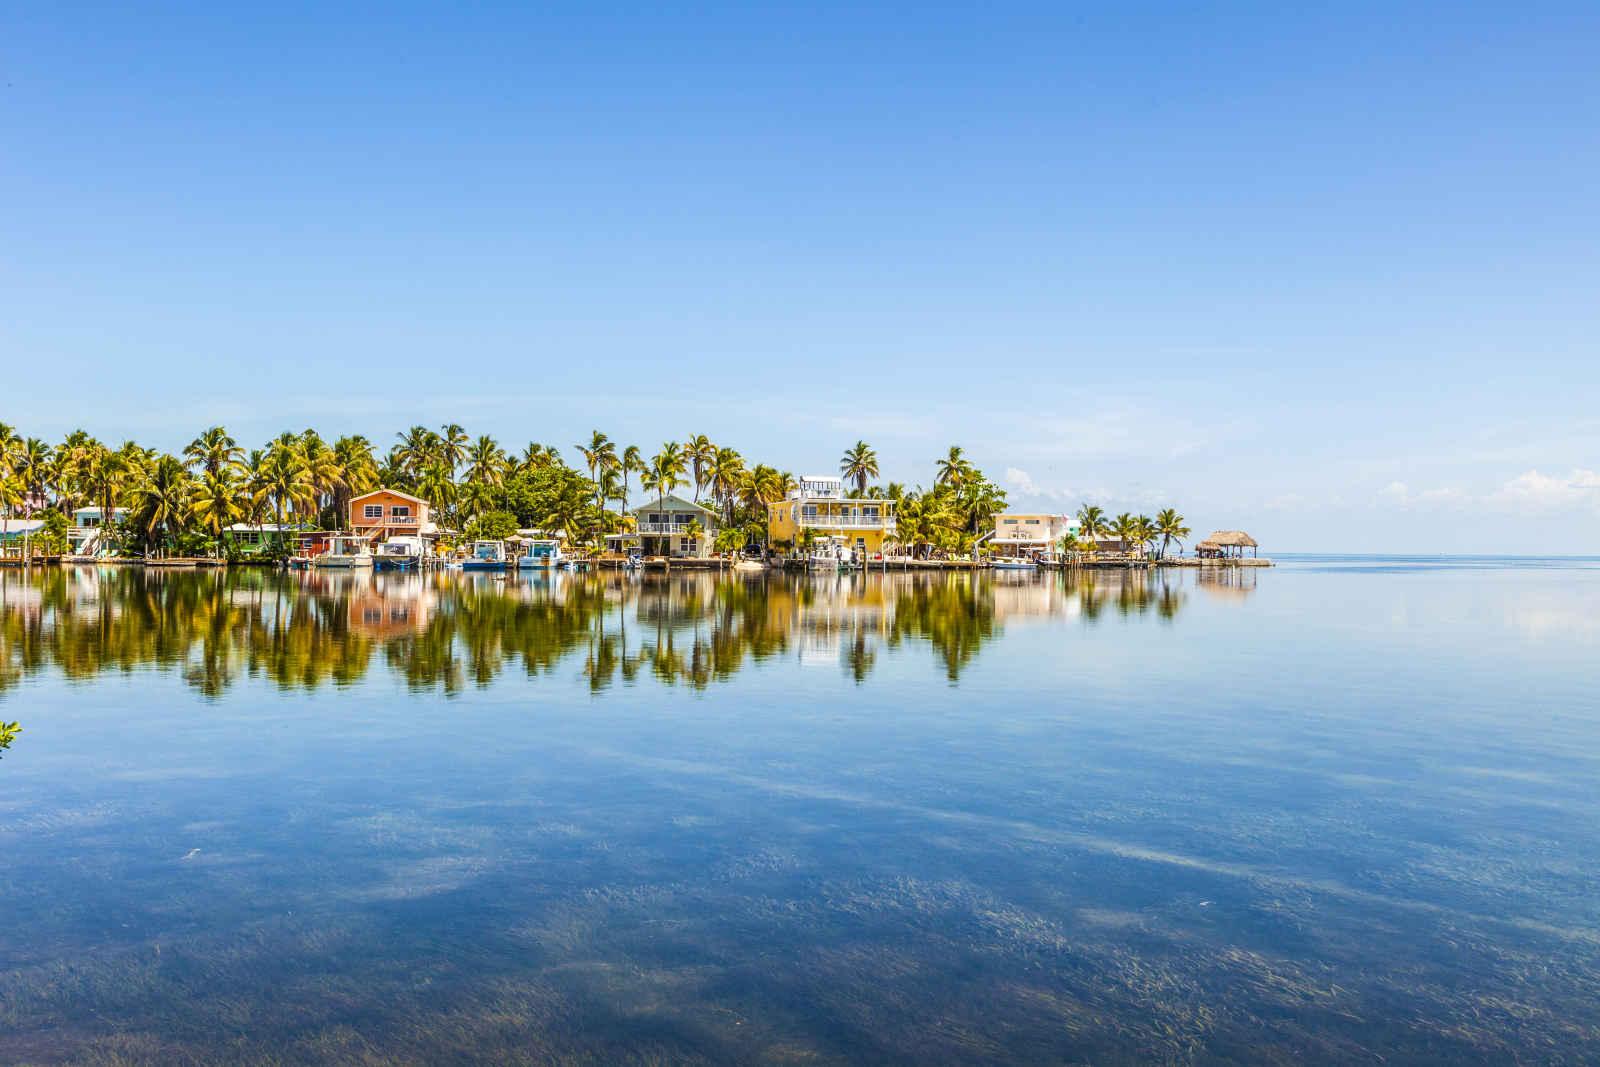 Séjour Ouest américain - Les charme de la Floride